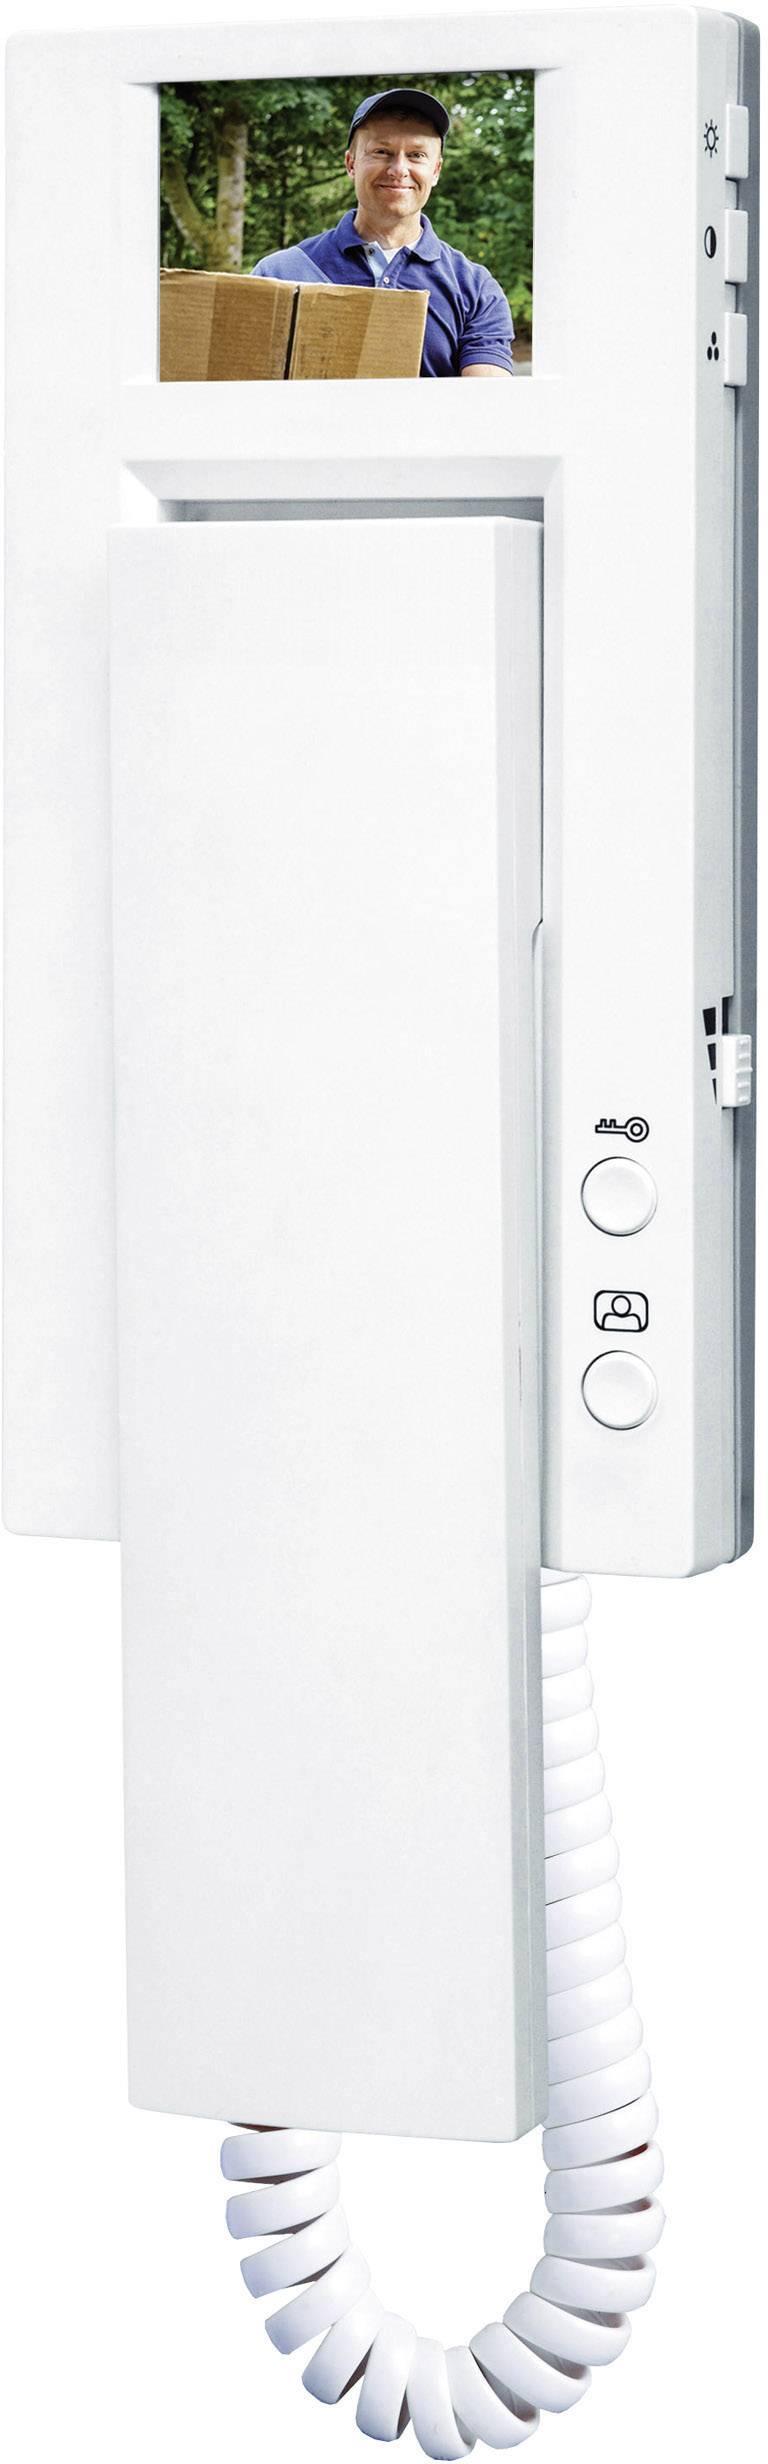 Kabelový domovní video telefon Smartwares VD60 SW VD60 SW, bílá